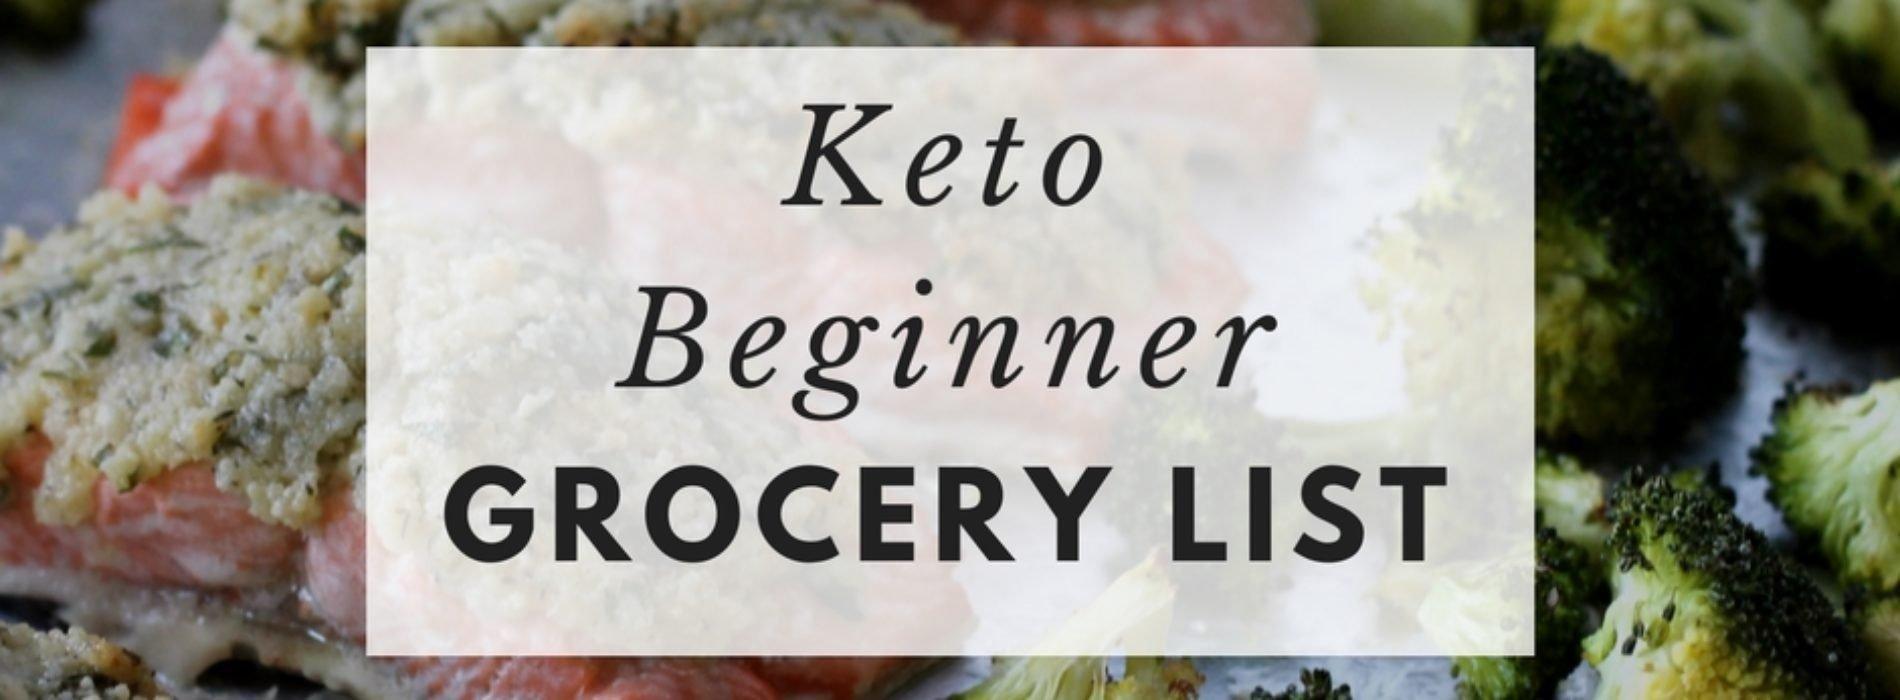 Keto Beginner Grocery List